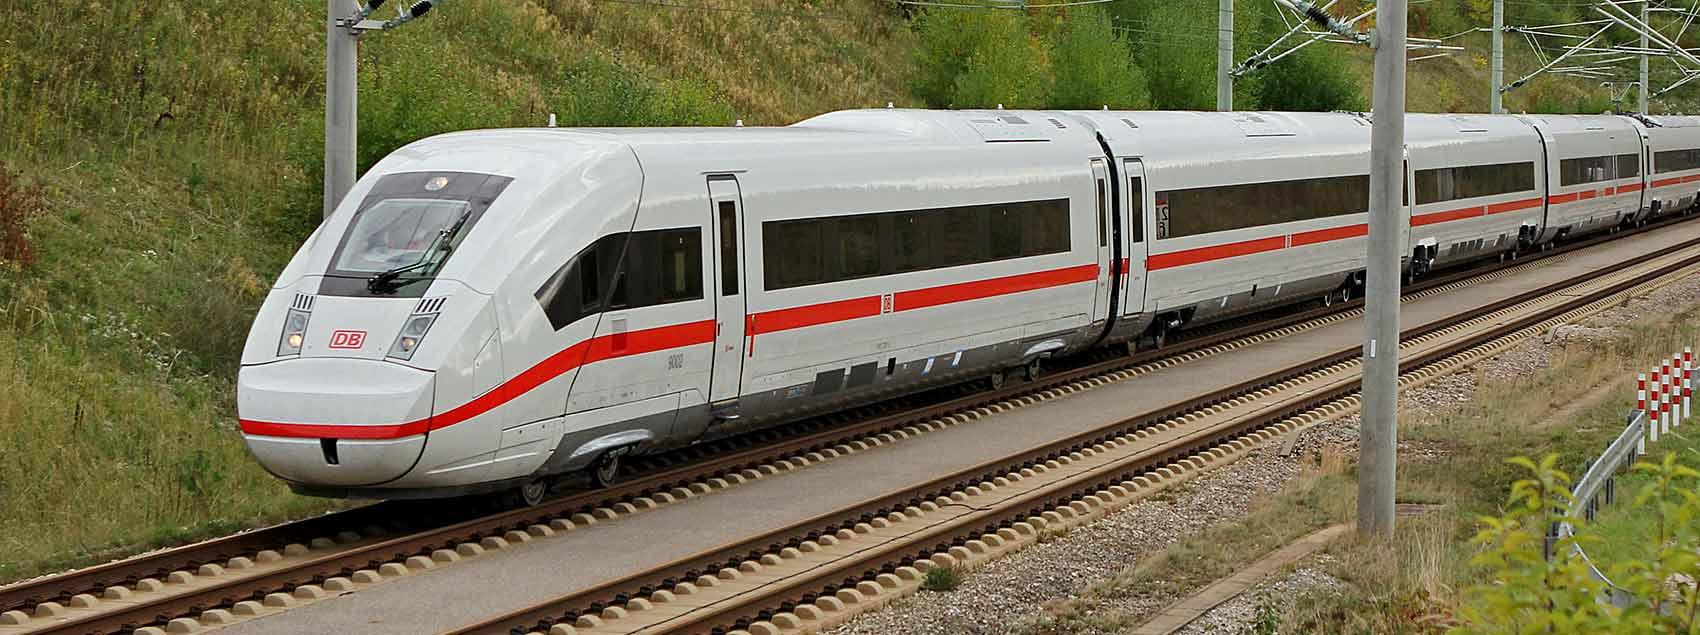 1 DB-Zugticket deutschlandweit (2. Klasse, oneway) inkl. 3 Monate Maxdome (nur Neukunden)